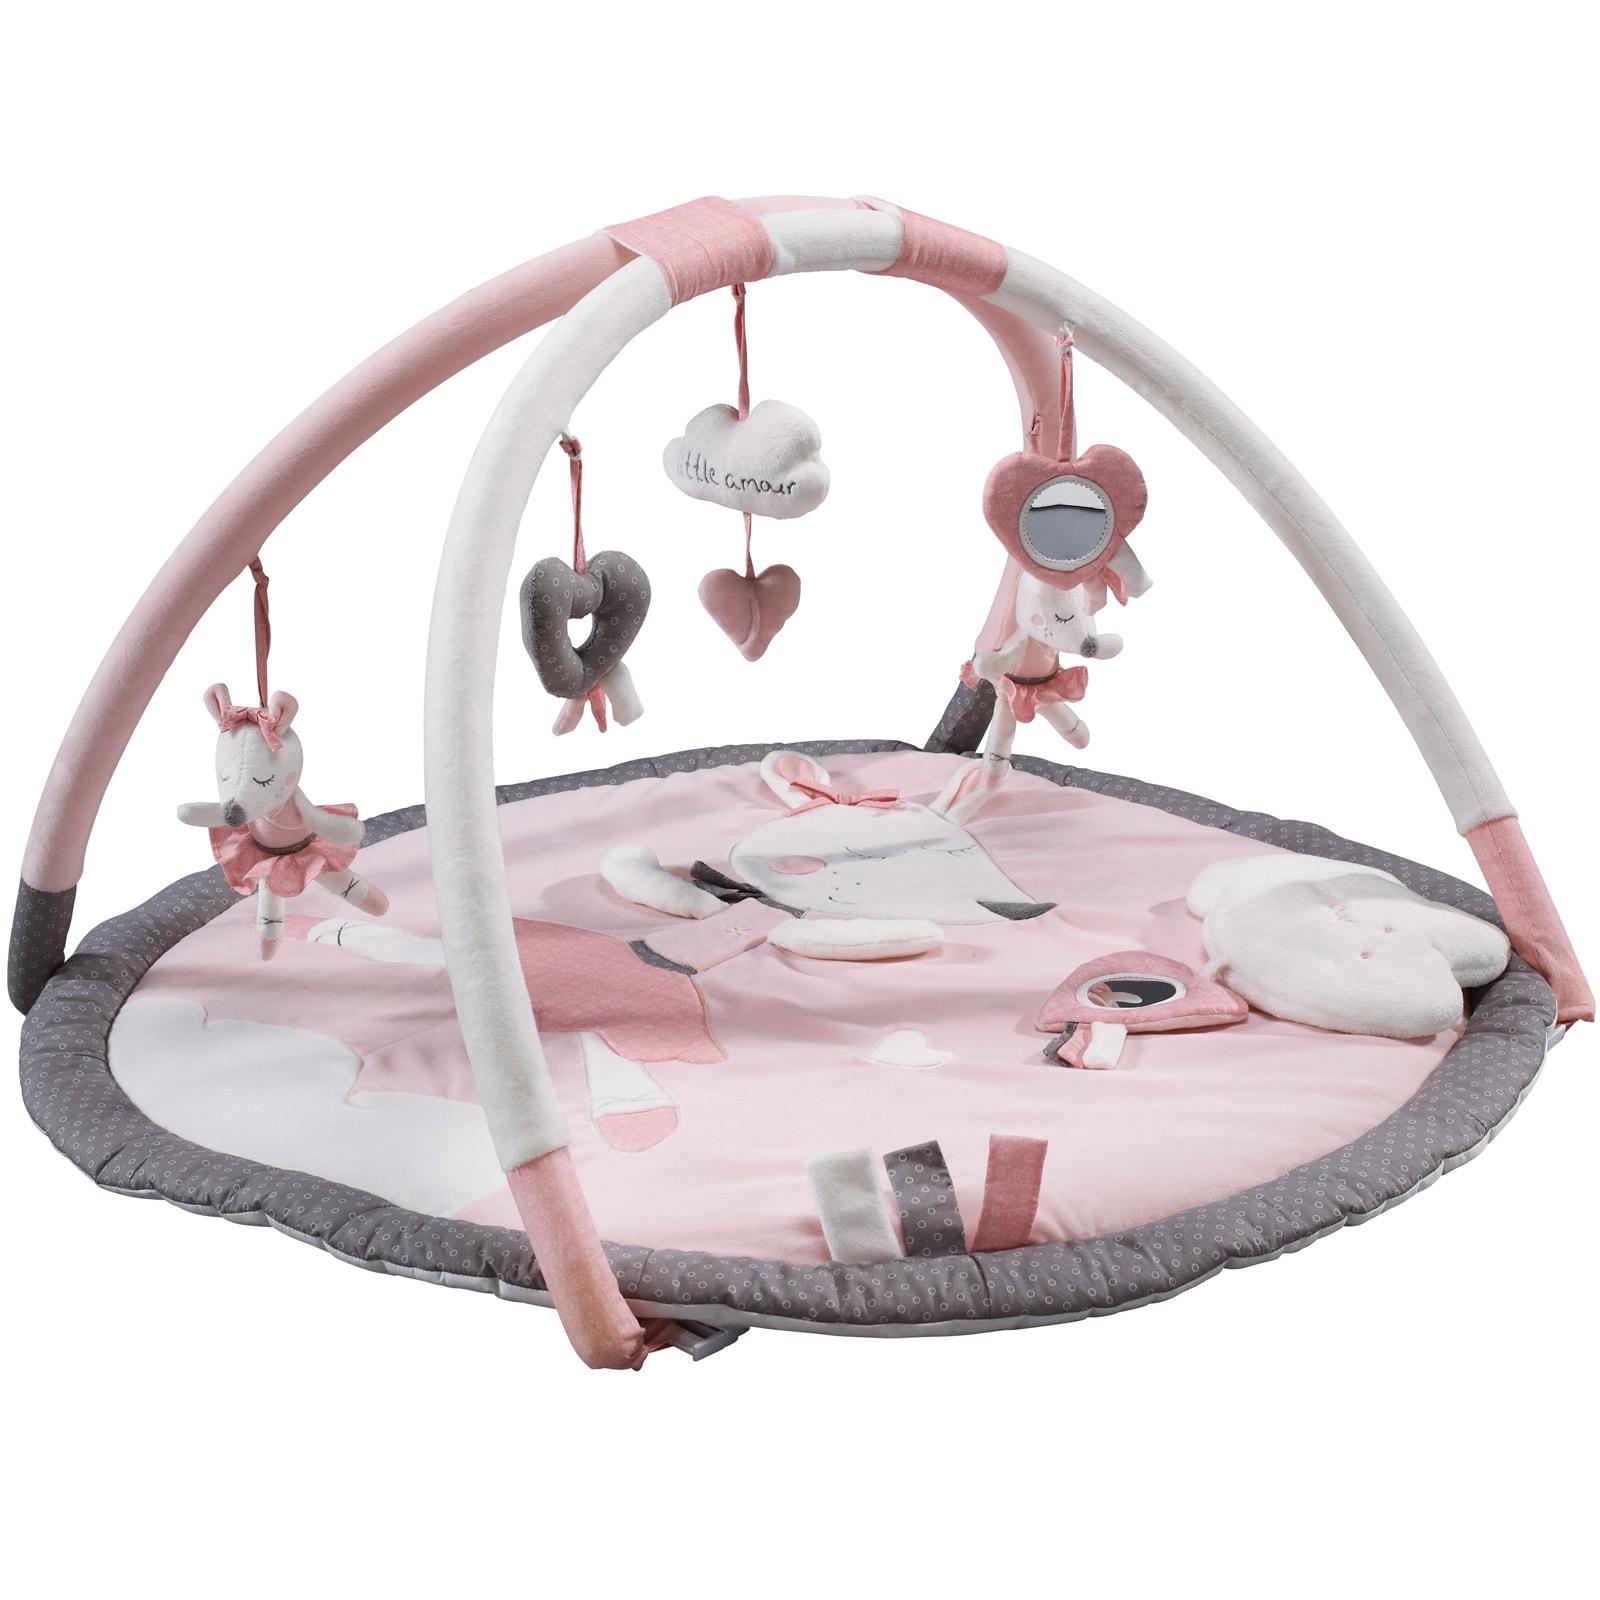 Un large choix de tapis d éveil pour bébé